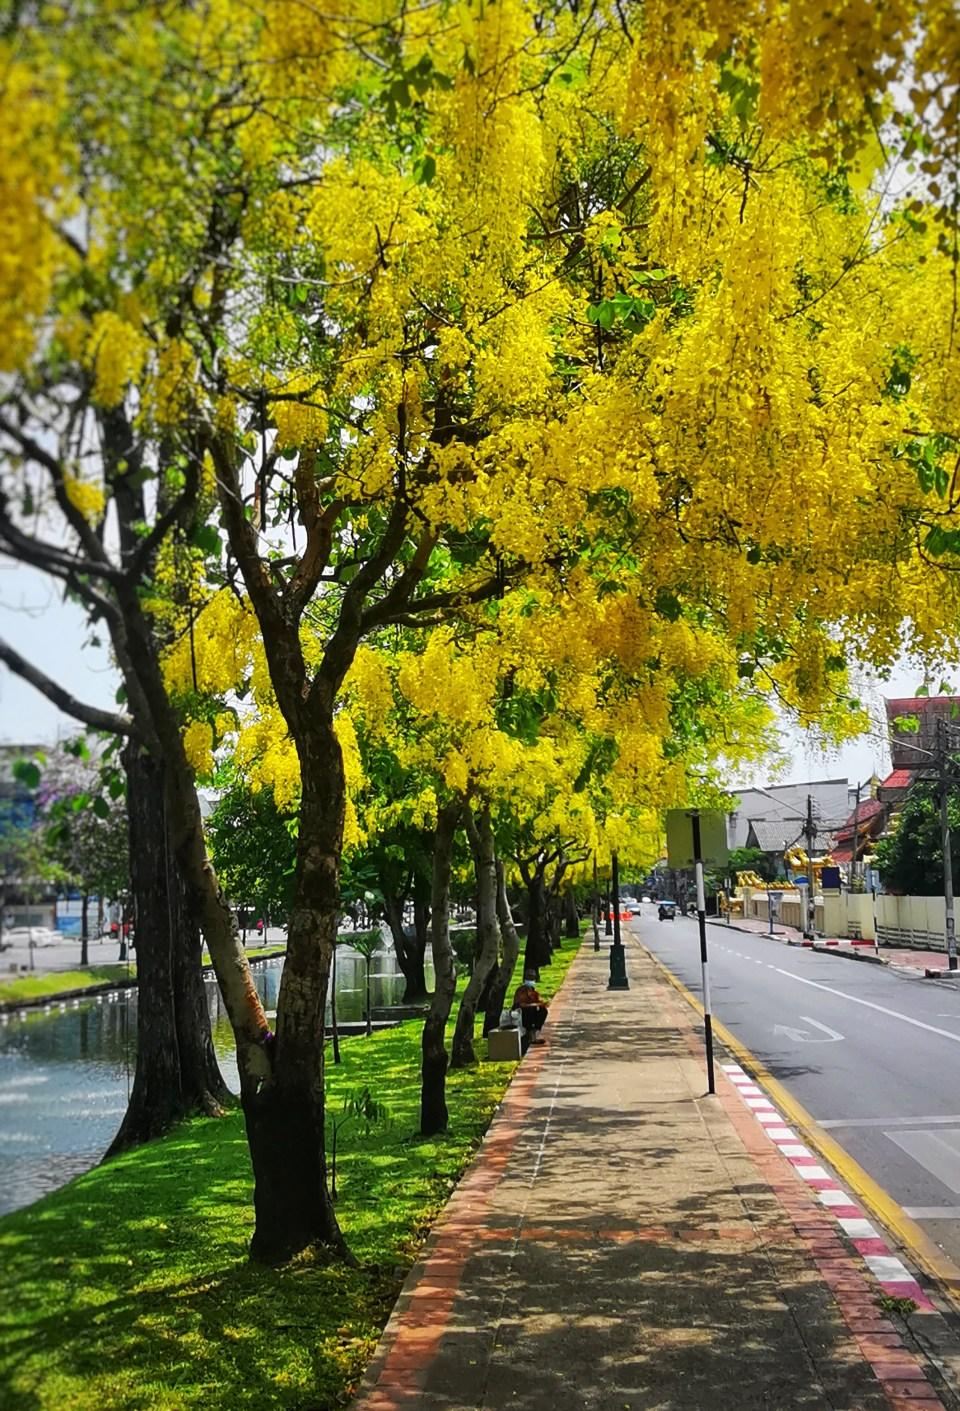 Golden Showers in bloom